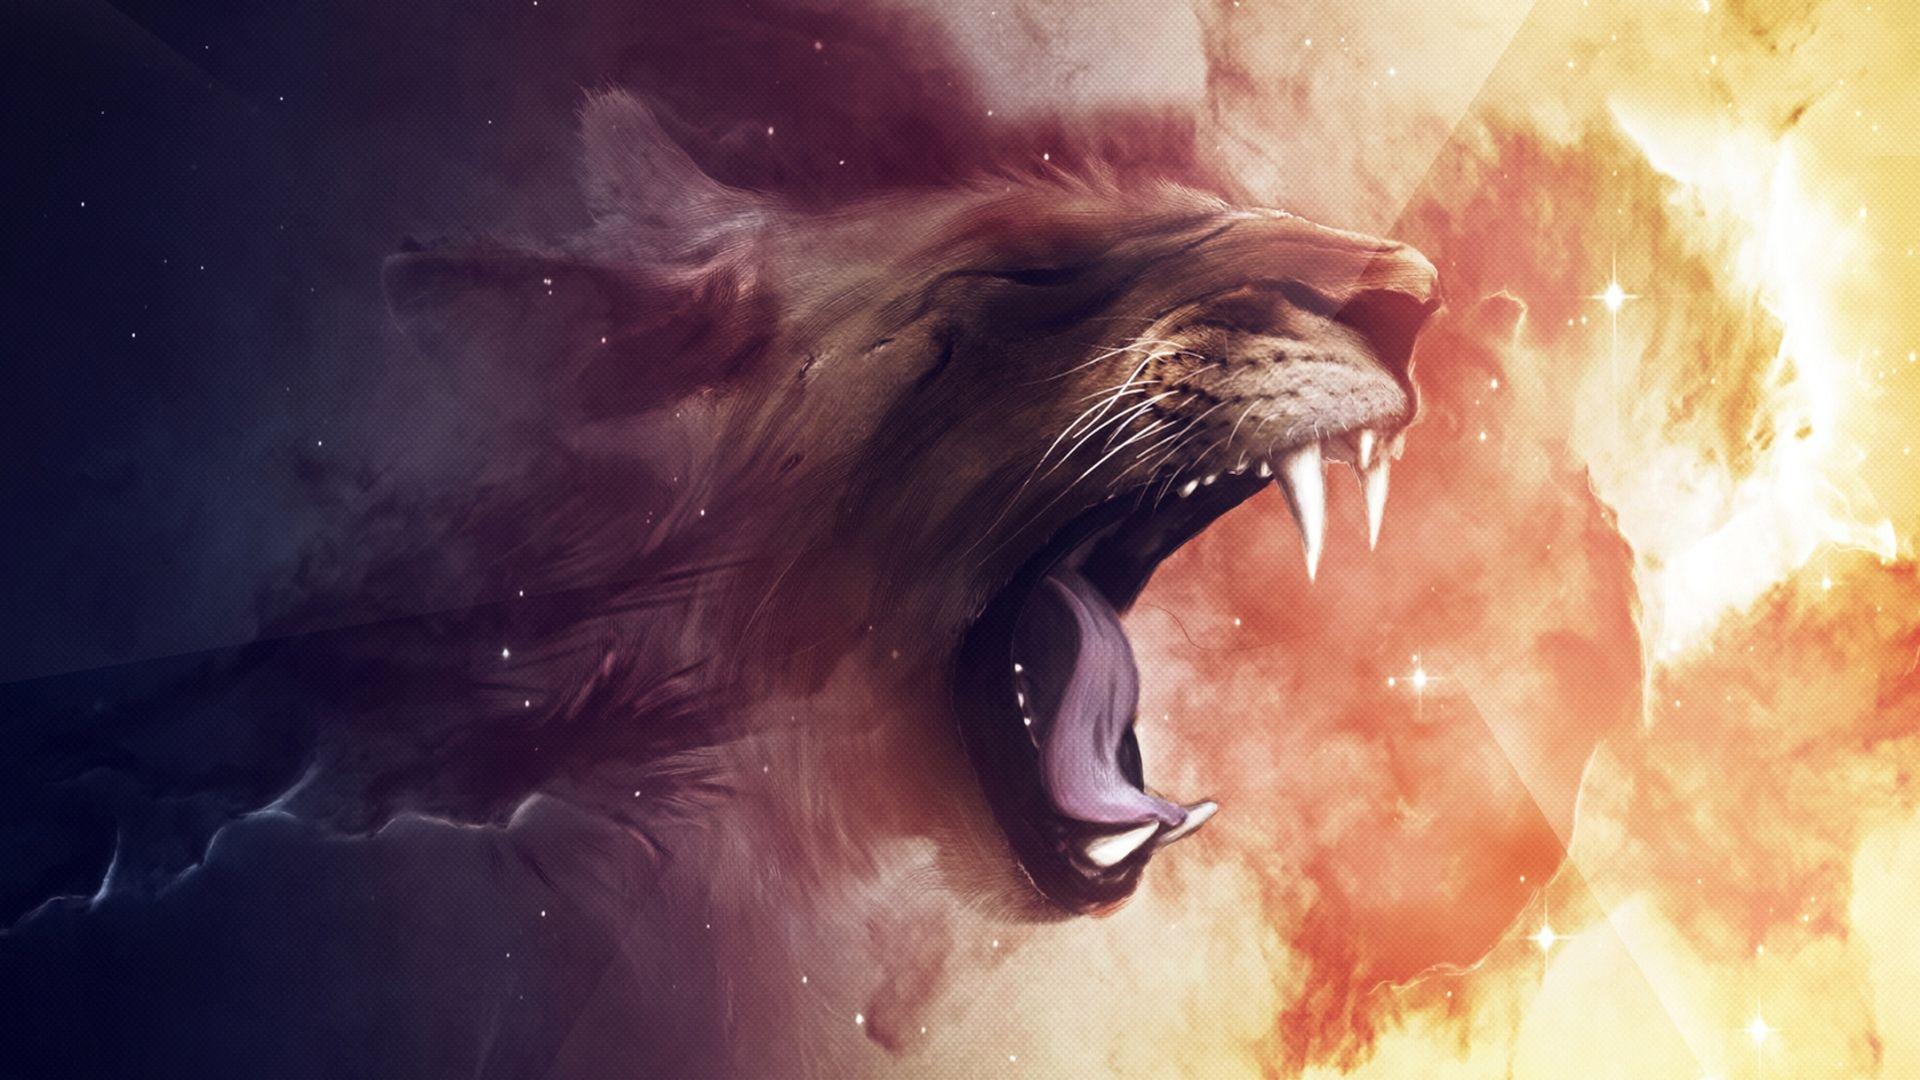 Tiger Roars Art, Computer Wallpaper